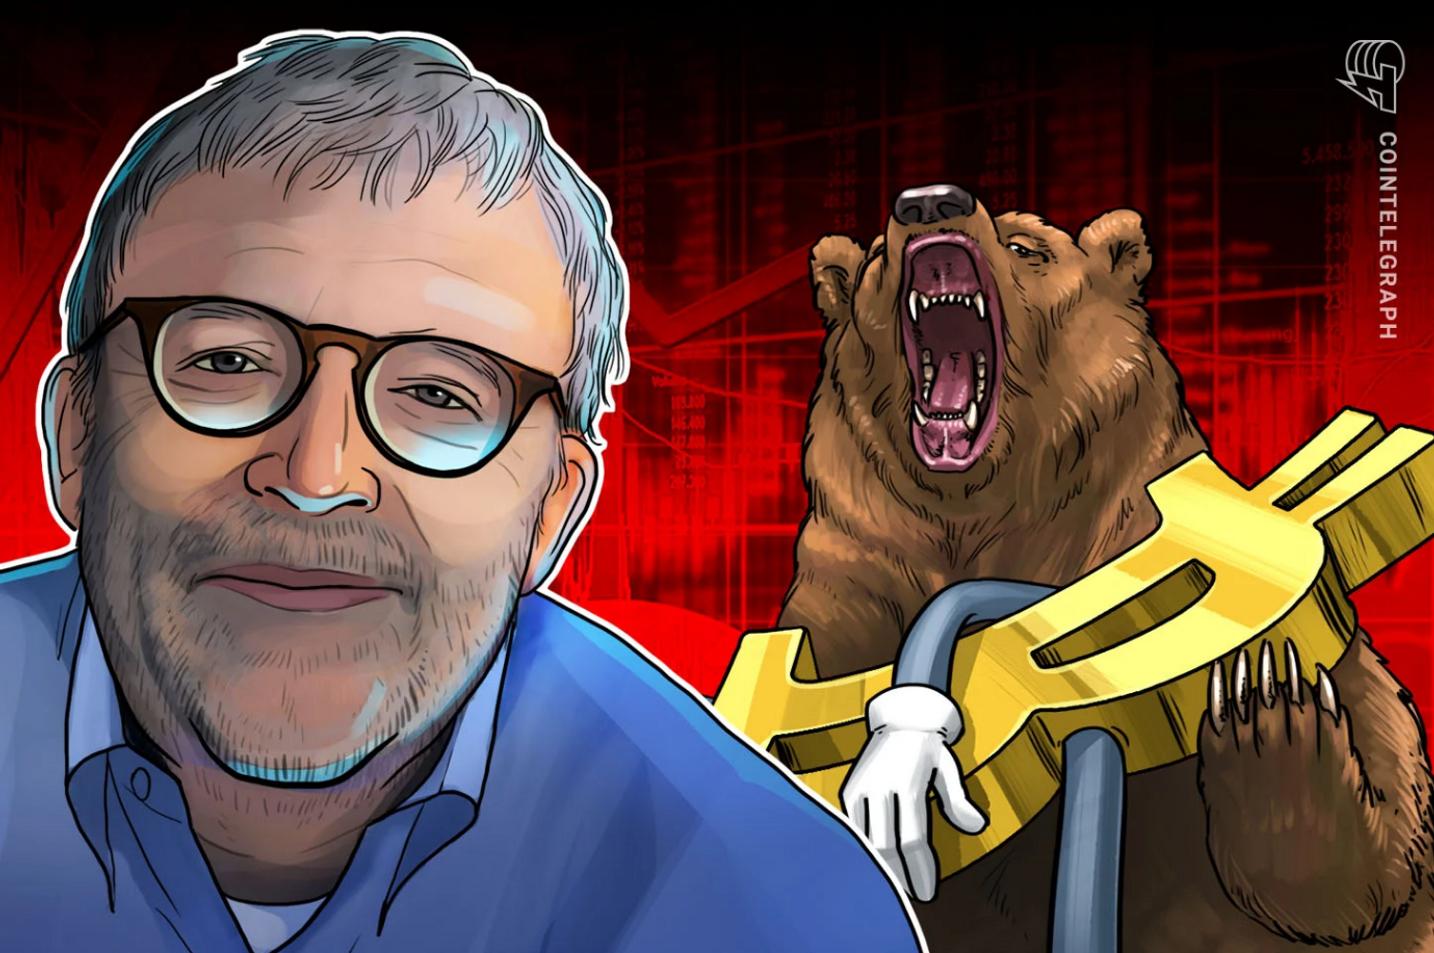 「仮想通貨ビットコインは期待に応えられていない」=著名テクニカルアナリスト